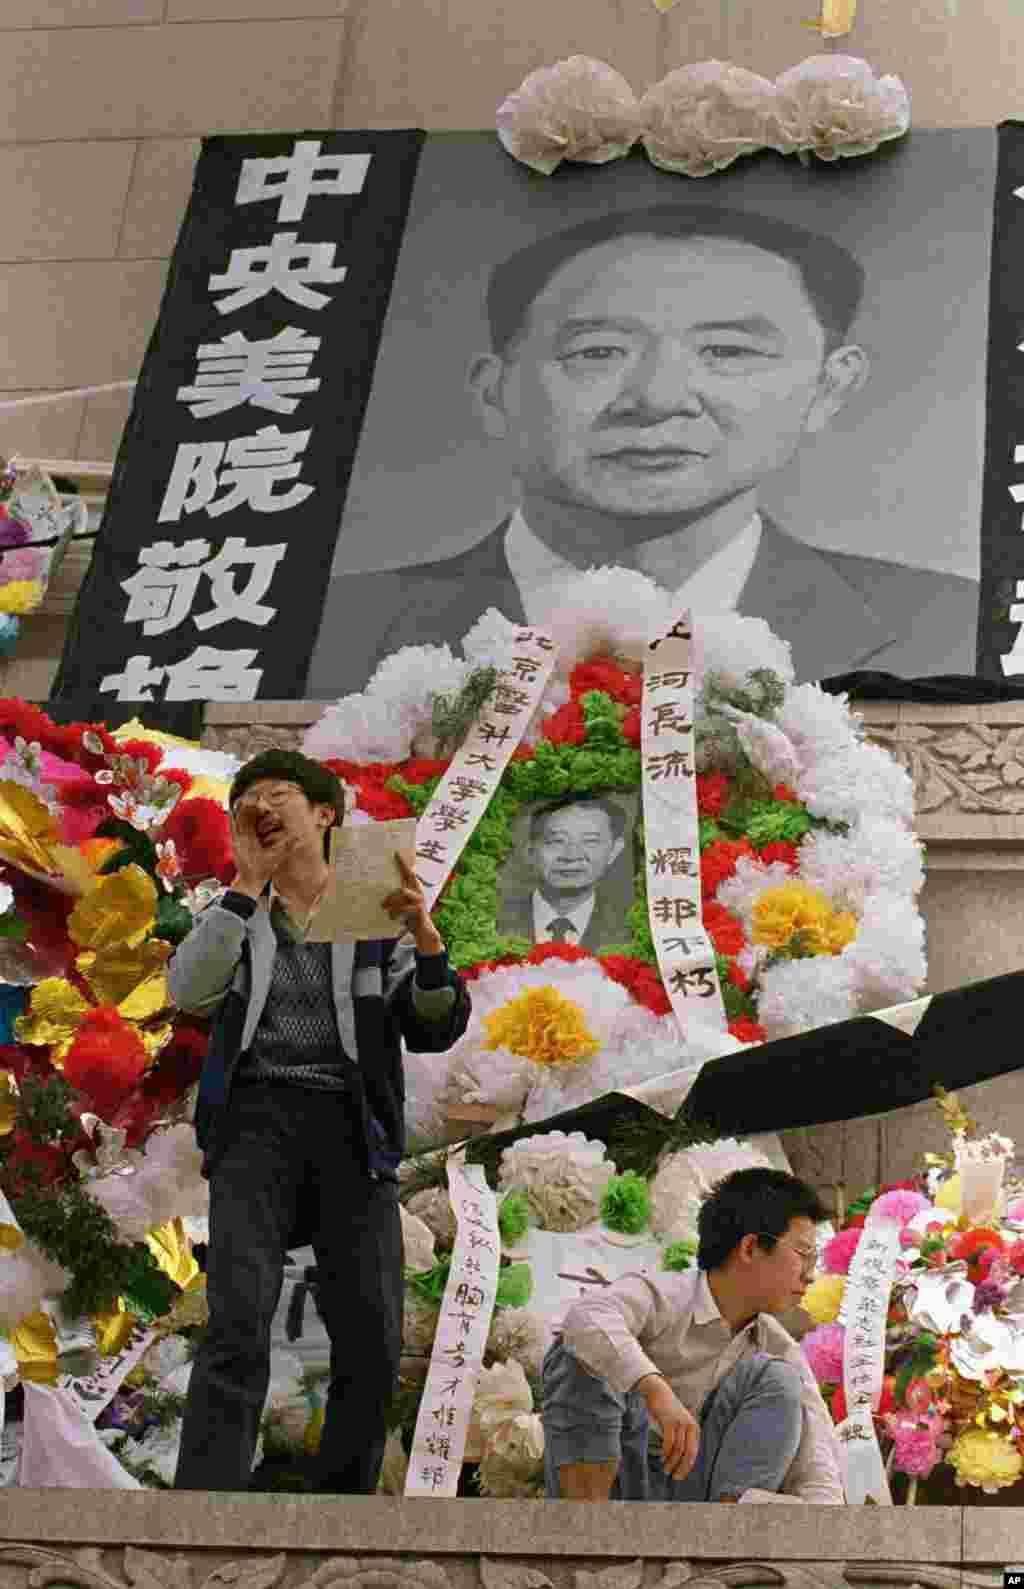 """中国学生在北京天安门广场上的人民英雄纪念碑前展示胡耀邦像和""""何处招魂""""""""民主之光耀邦""""等标语(1989年4月19日) 。1989年4月15日,抑郁中的胡耀邦突然心梗病逝,引发民众不满和自发悼念,直接触发后来的八九民运和""""六四事件""""。而这也导致胡耀邦多年来成为中共党内的禁忌,直到团派出身的前总书记胡锦涛任内才逐渐解禁,并于2015年11月20日为他举办百岁诞辰座谈会。"""